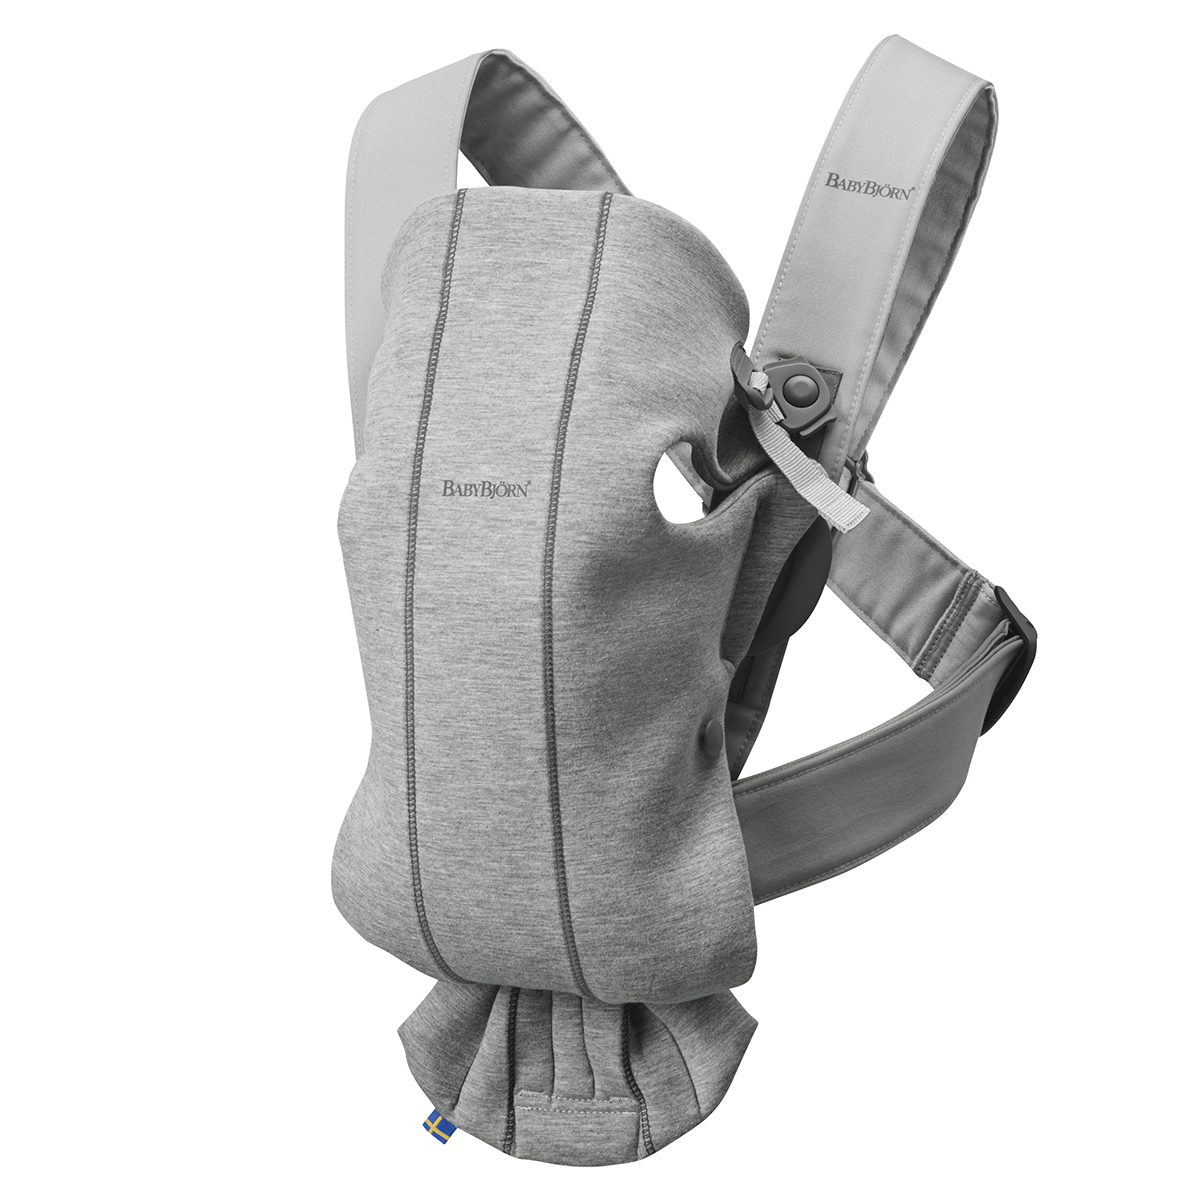 Porte bébé Porte-bébé Mini 3D Jersey - Gris Clair Porte-bébé Mini 3D Jersey - Gris Clair